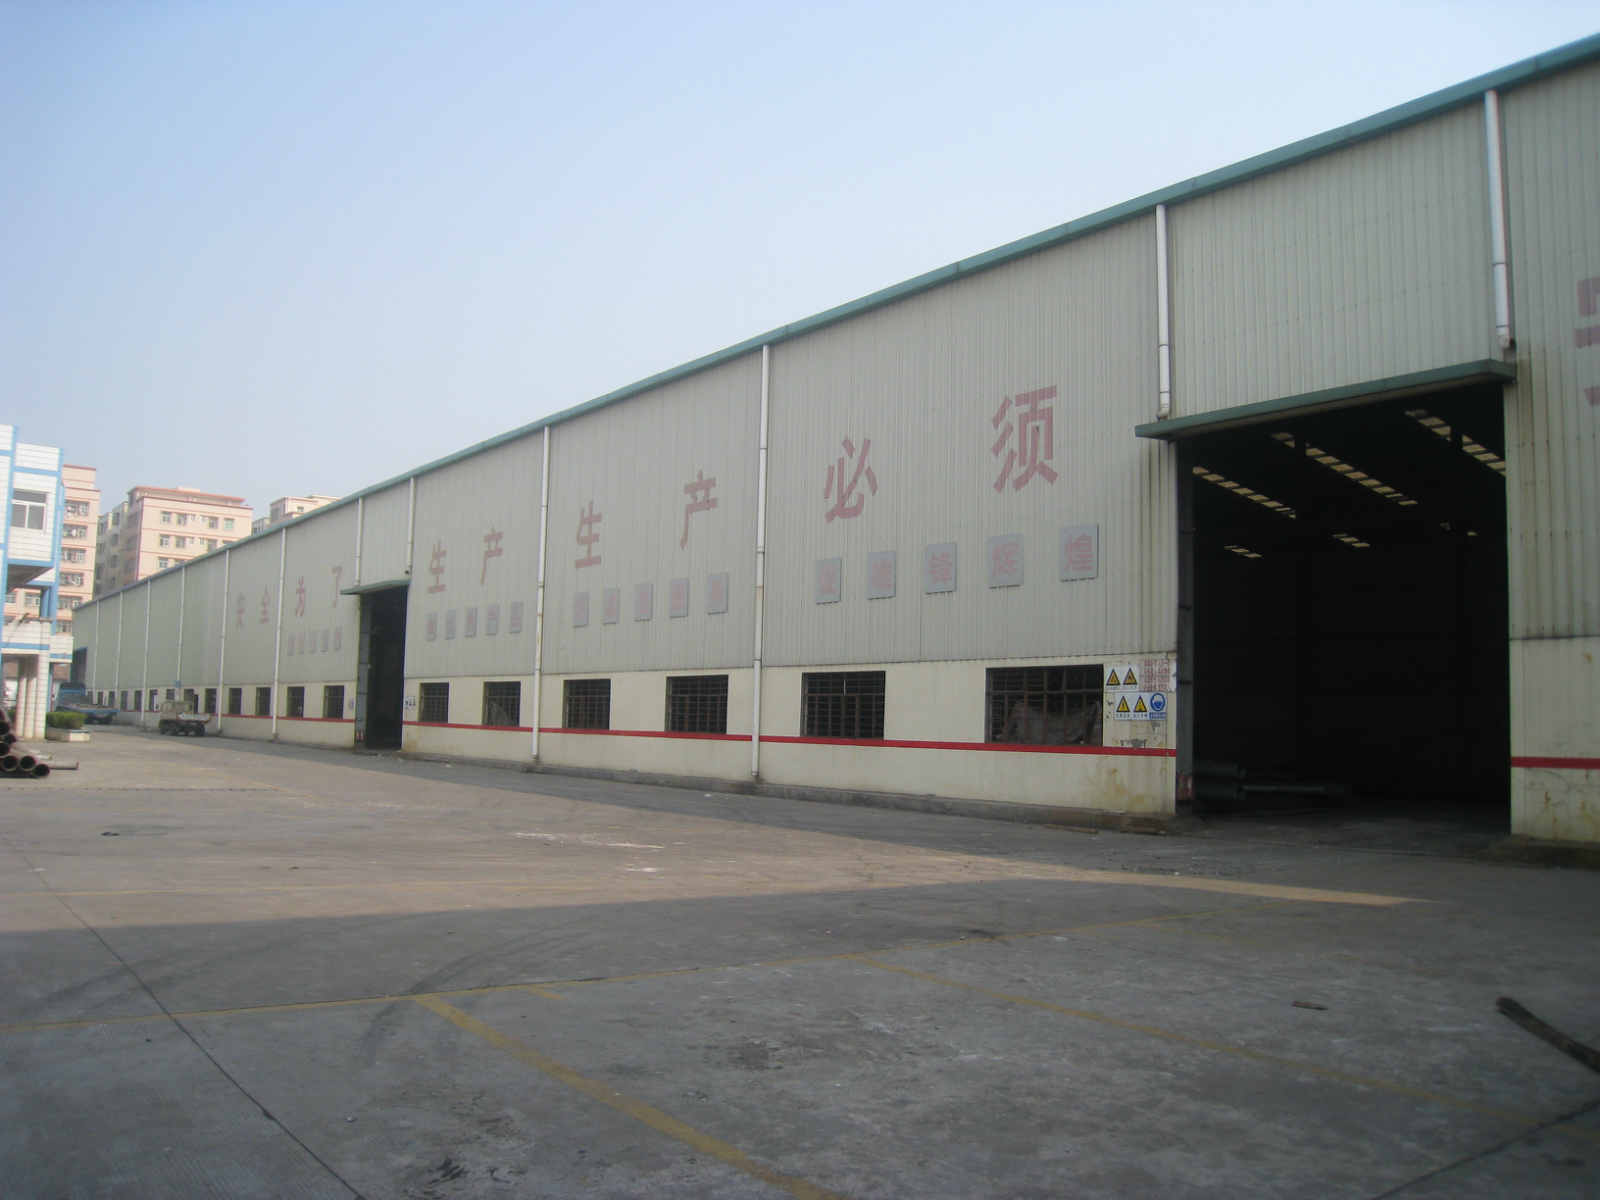 鑫锋源是一家专业从事电弧喷锌喷铝、钢结构防火涂料生产与销售的综合型企业